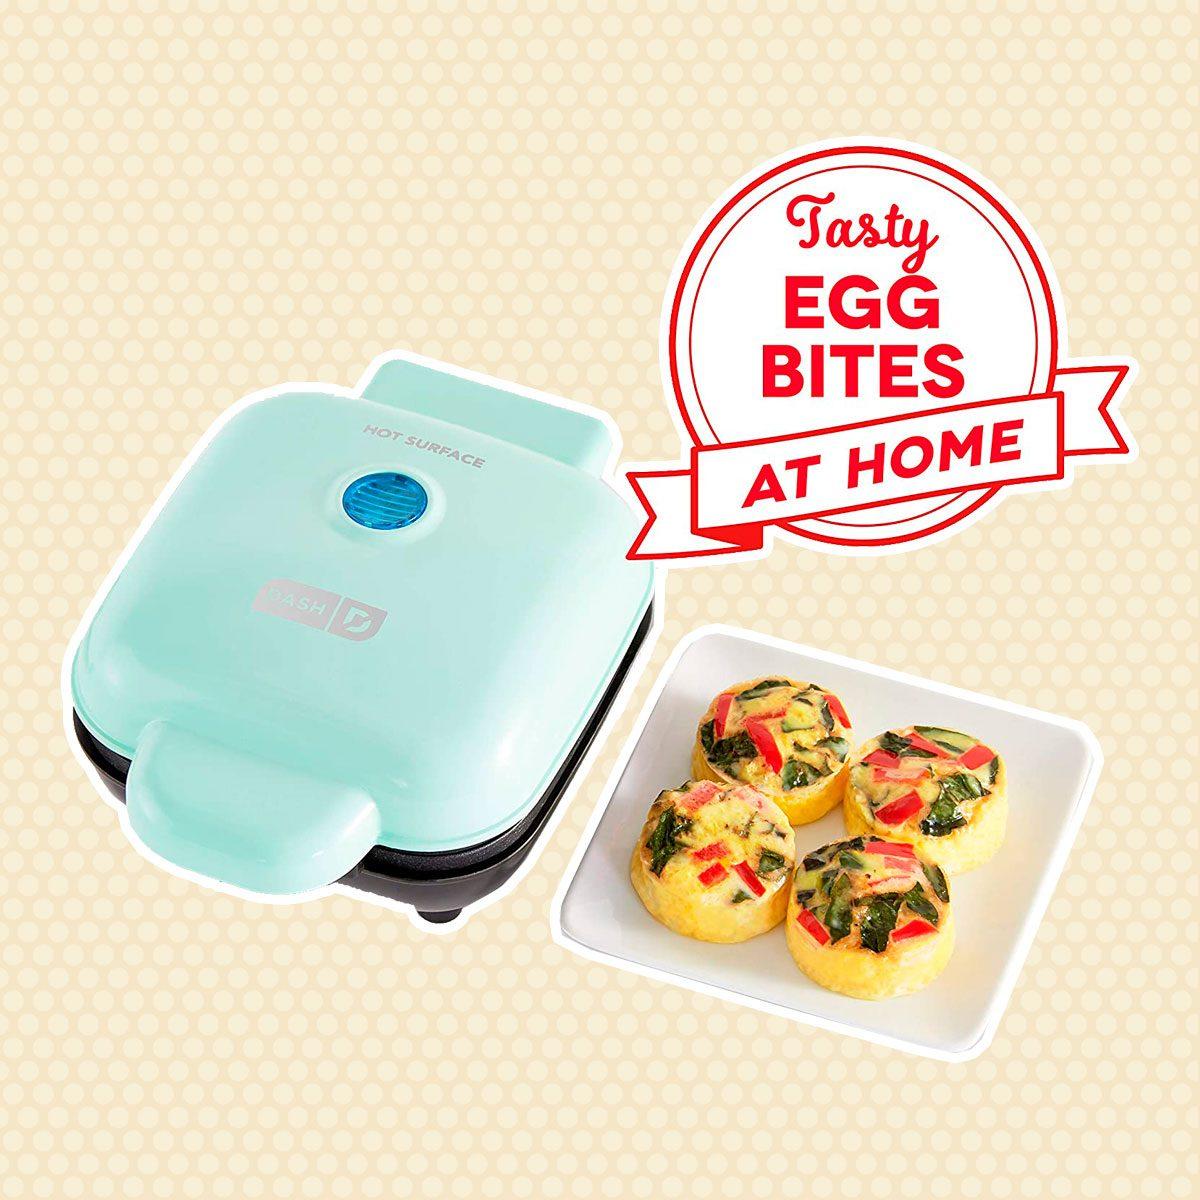 Dash Sous Vide Egg Bite Maker